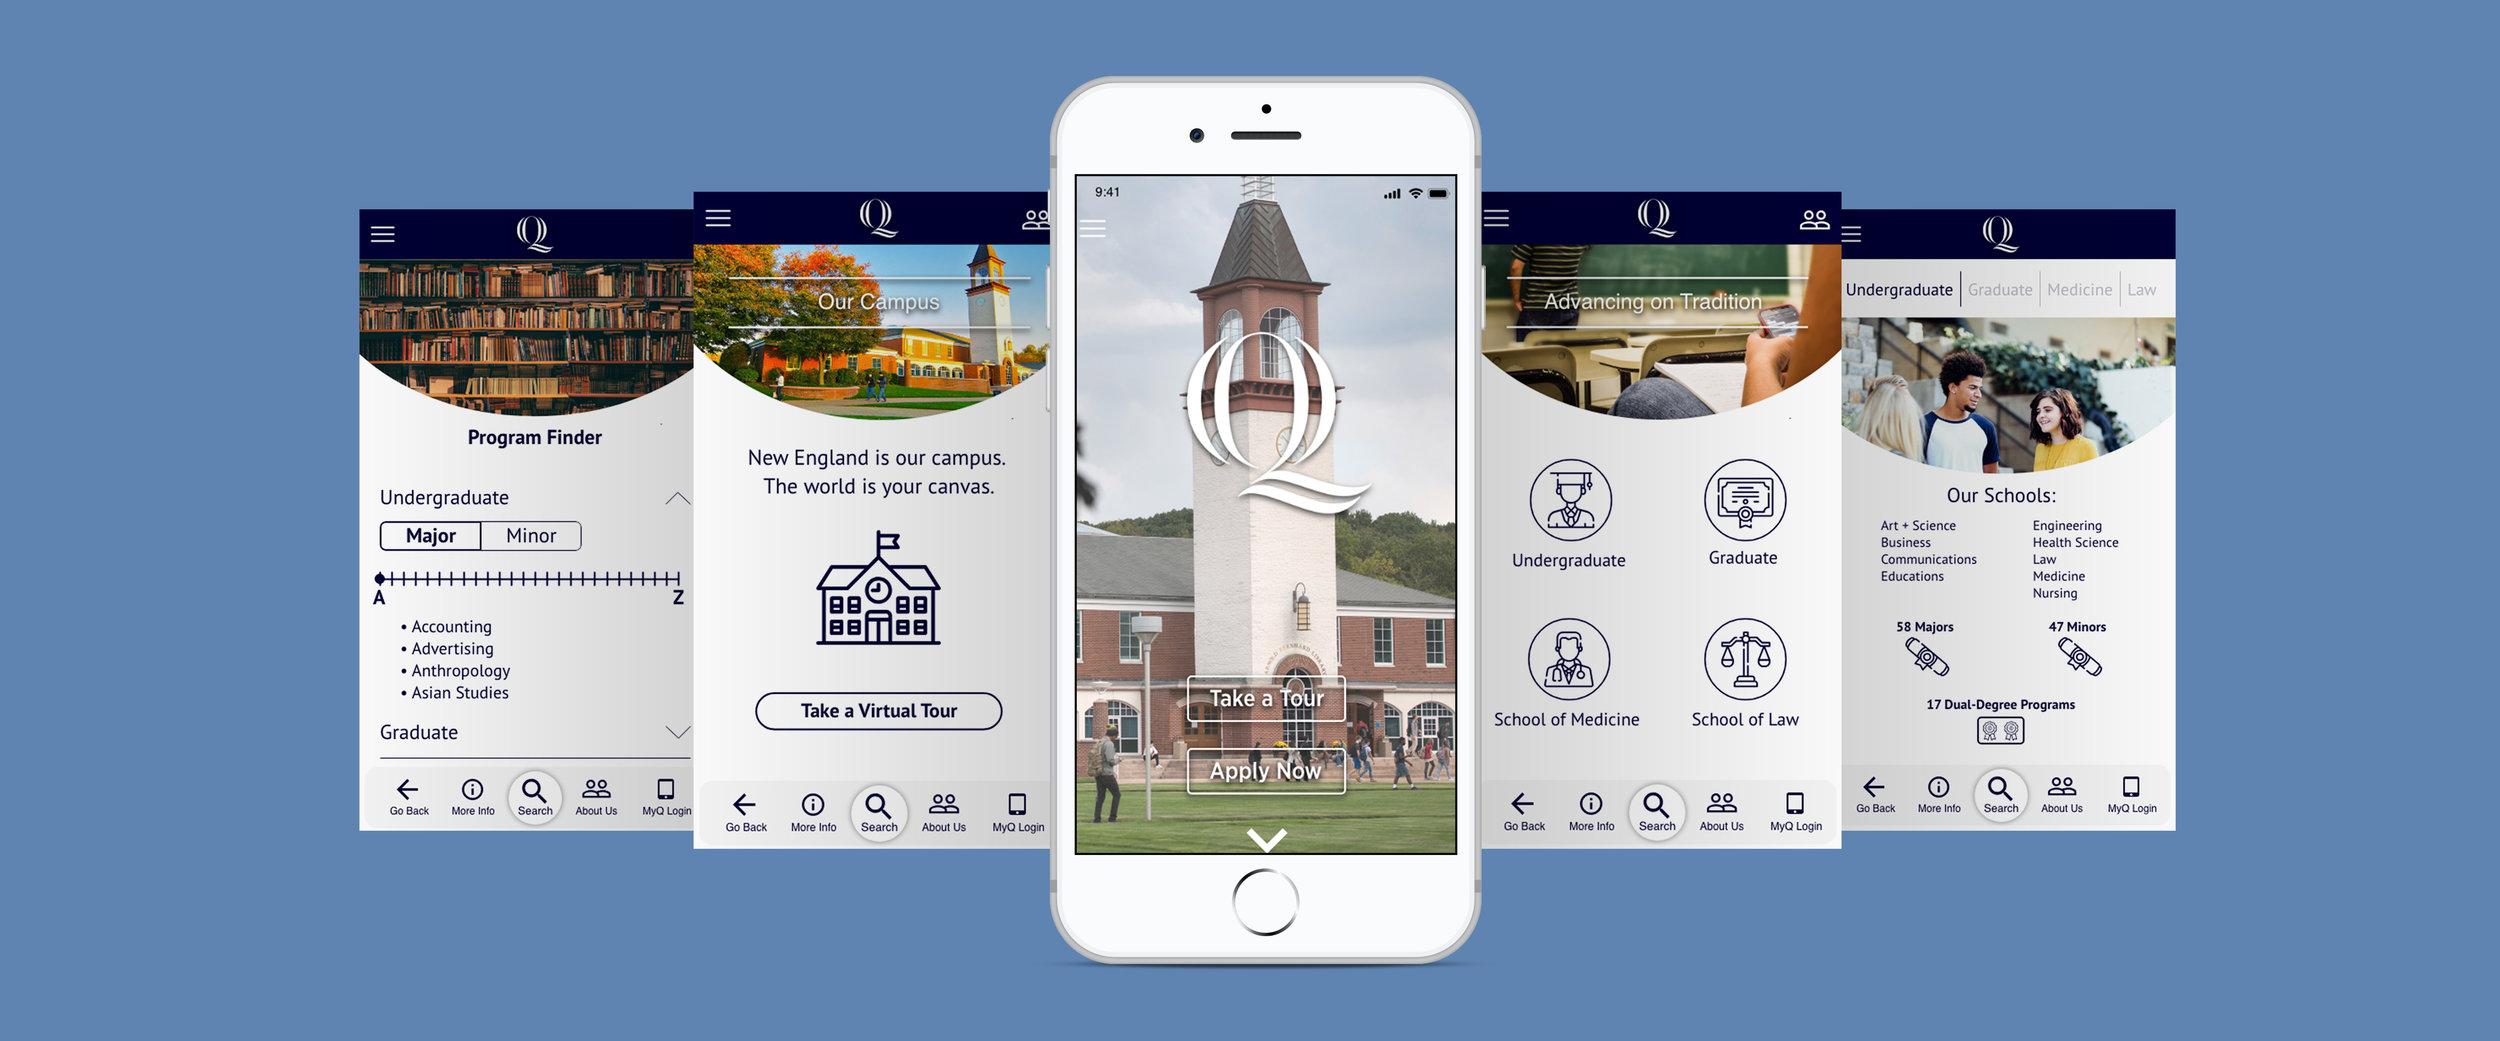 Quinnipiac Mobile App Design - Full Project